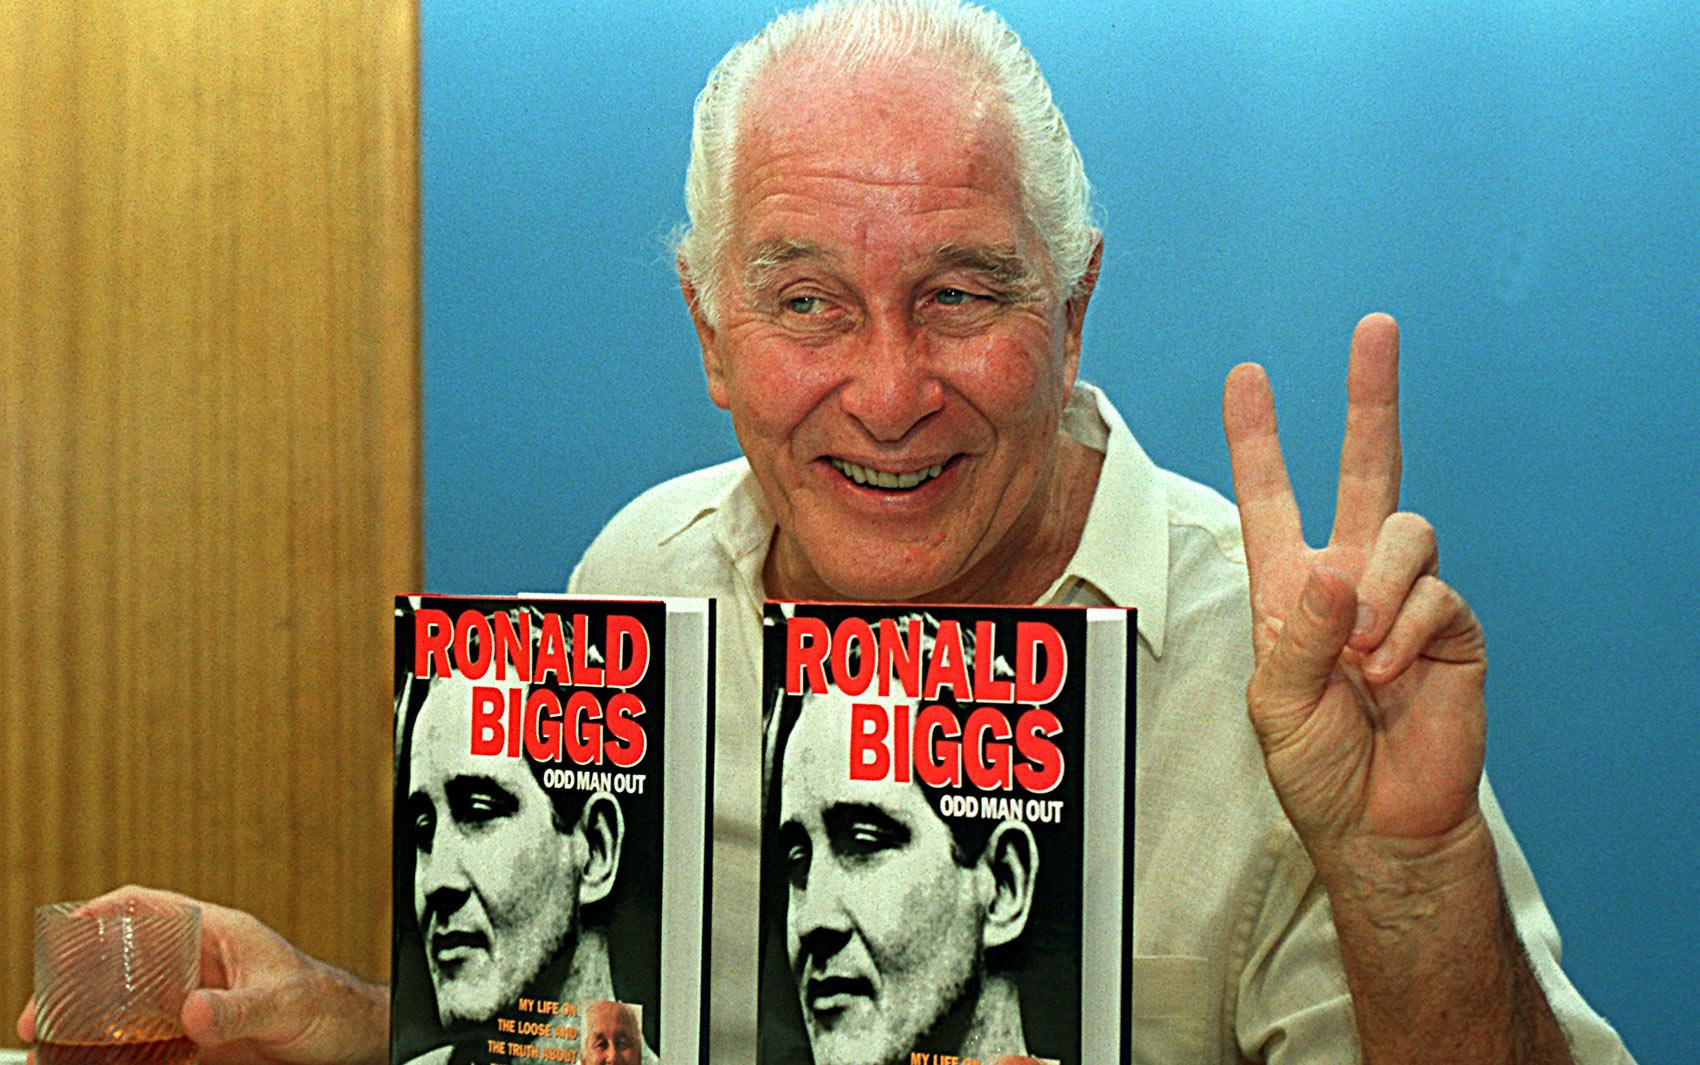 Em janeiro de 1994, Biggs lança sua autobiografia, 'Odd Man Out', no Rio de Janeiro